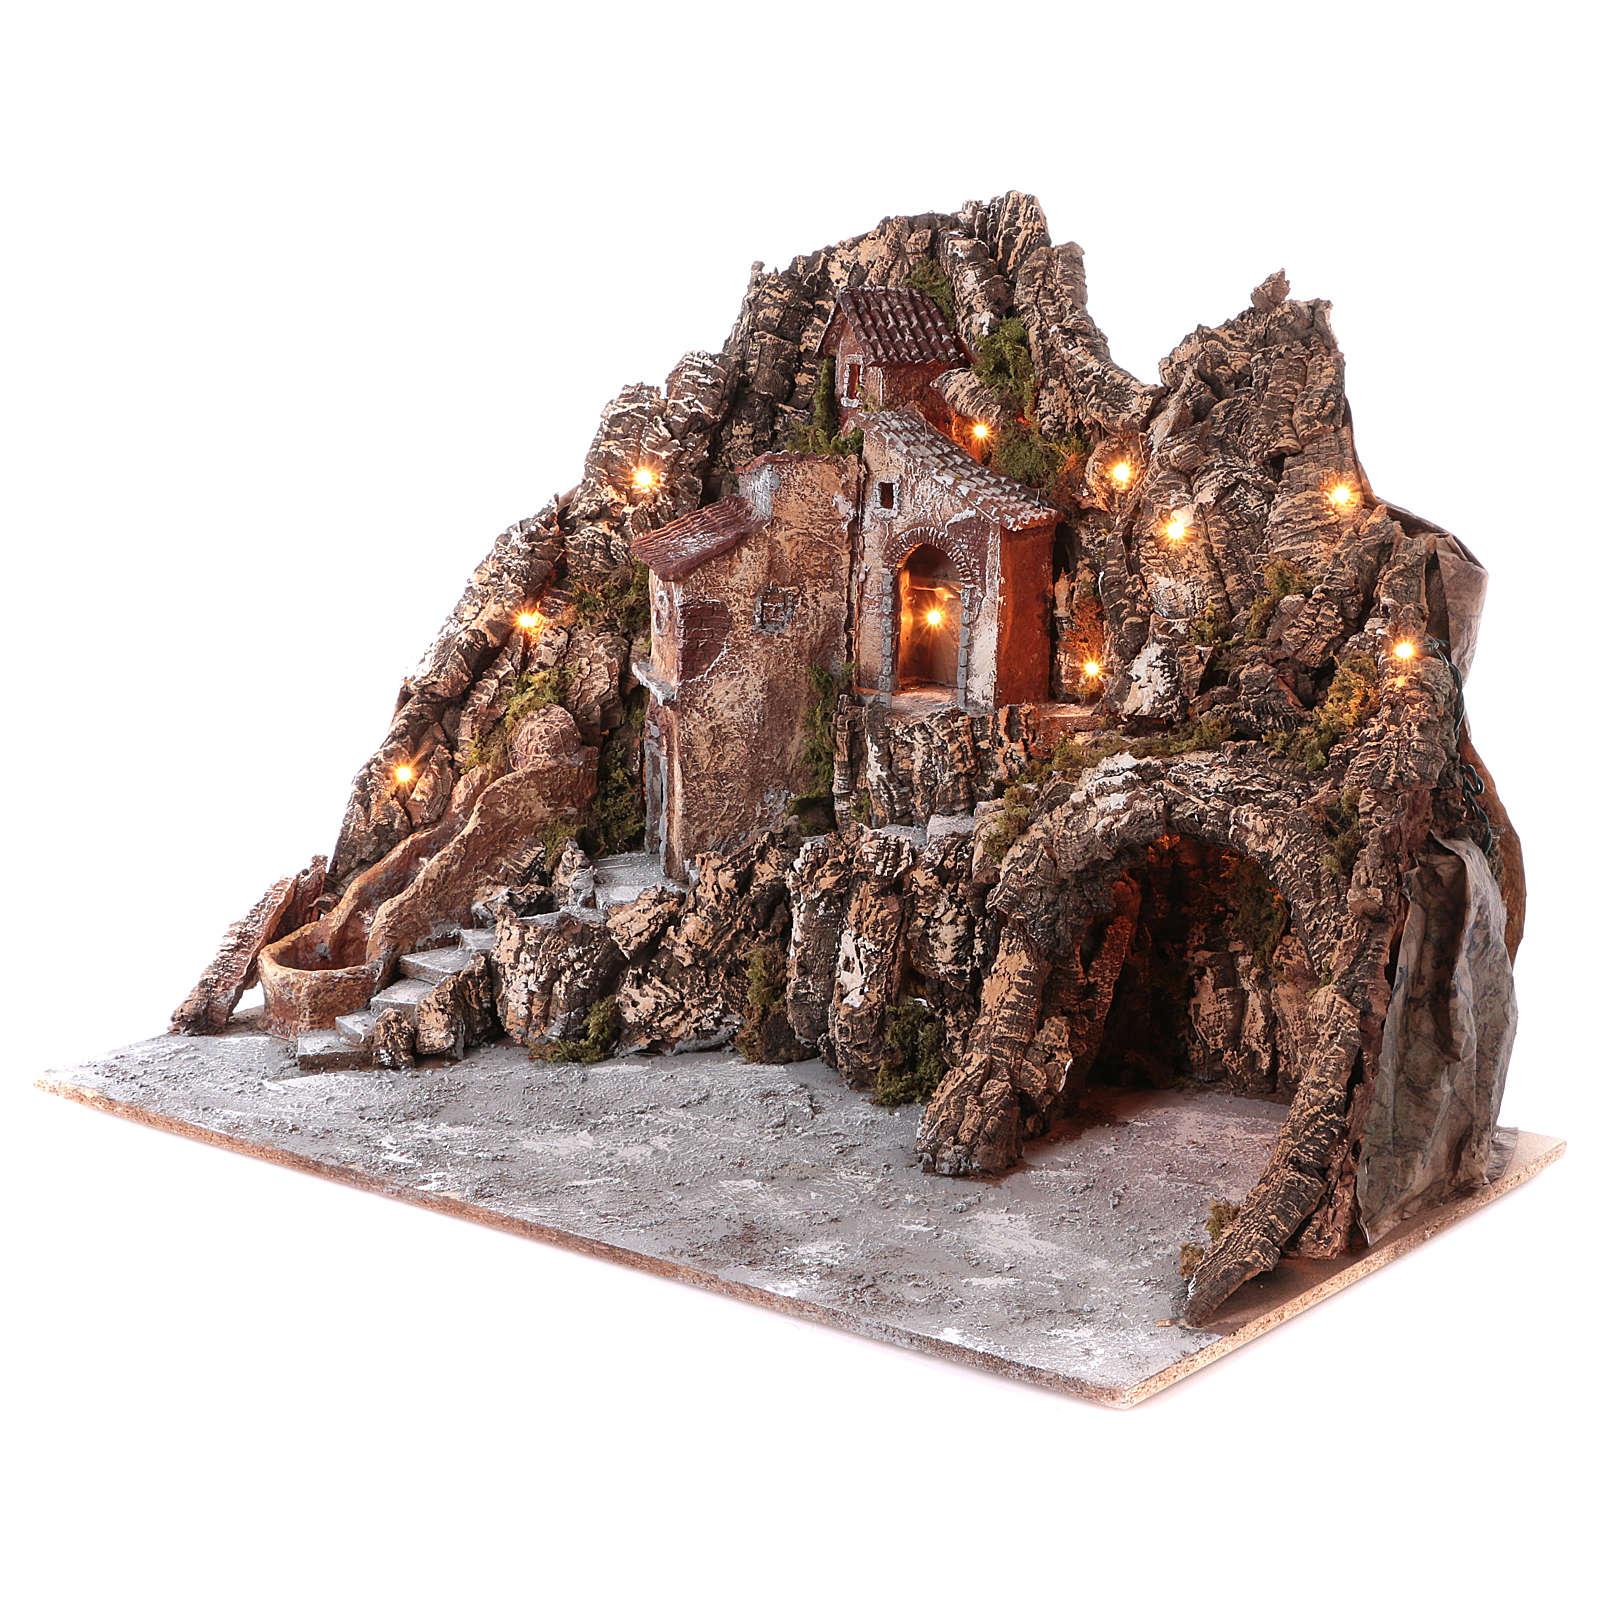 Borgo presepe illuminato con ruscello in movimento e grotta 55X85X65 cm presepe napoletano 4